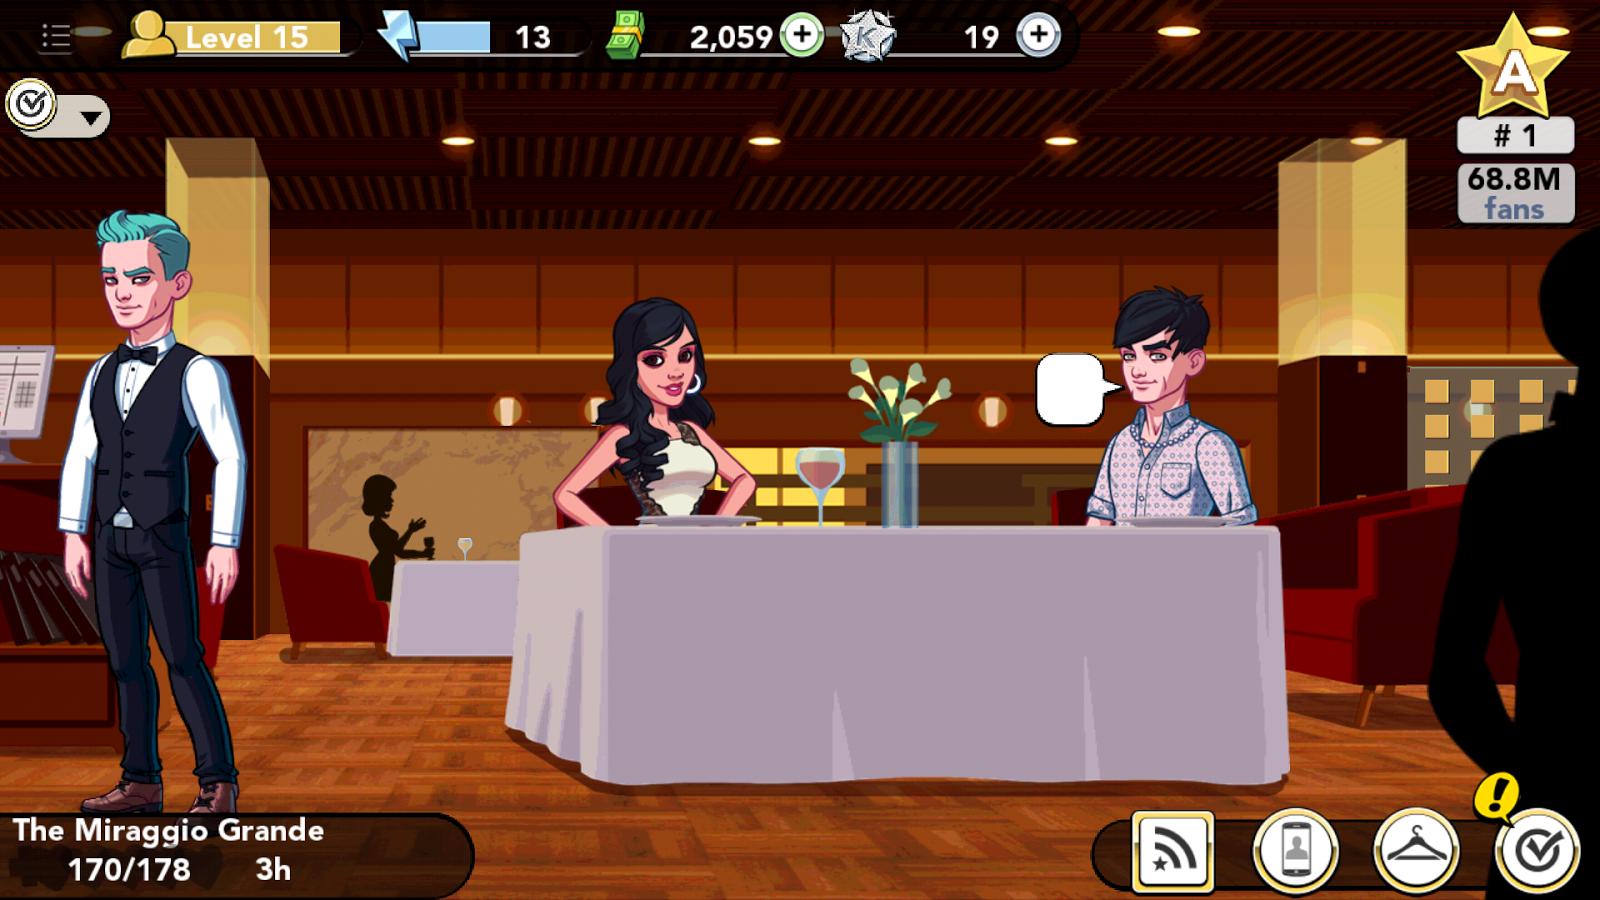 Kim Kardashian: Hollywood game - date at Miraggio Grande in Las Vegas